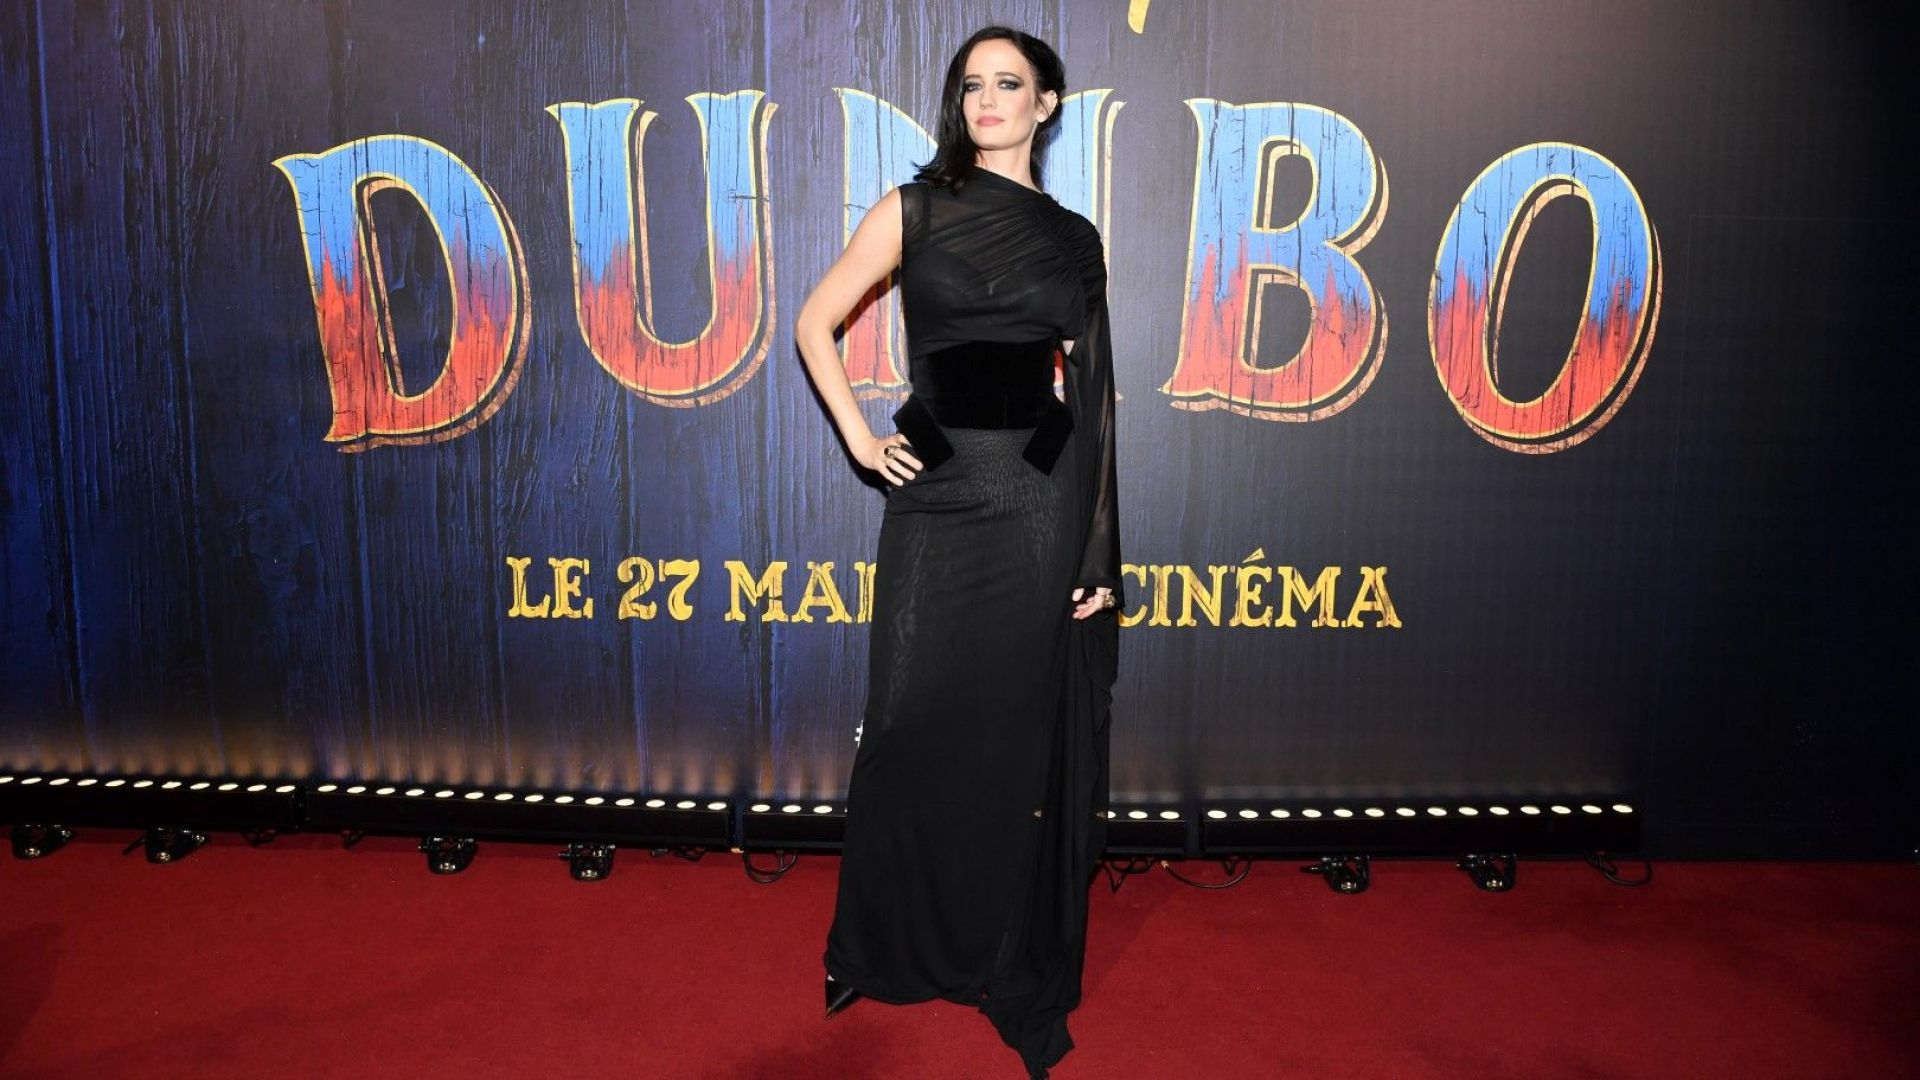 Ева Грийн драматична с прозрачна рокля на премиера в Париж